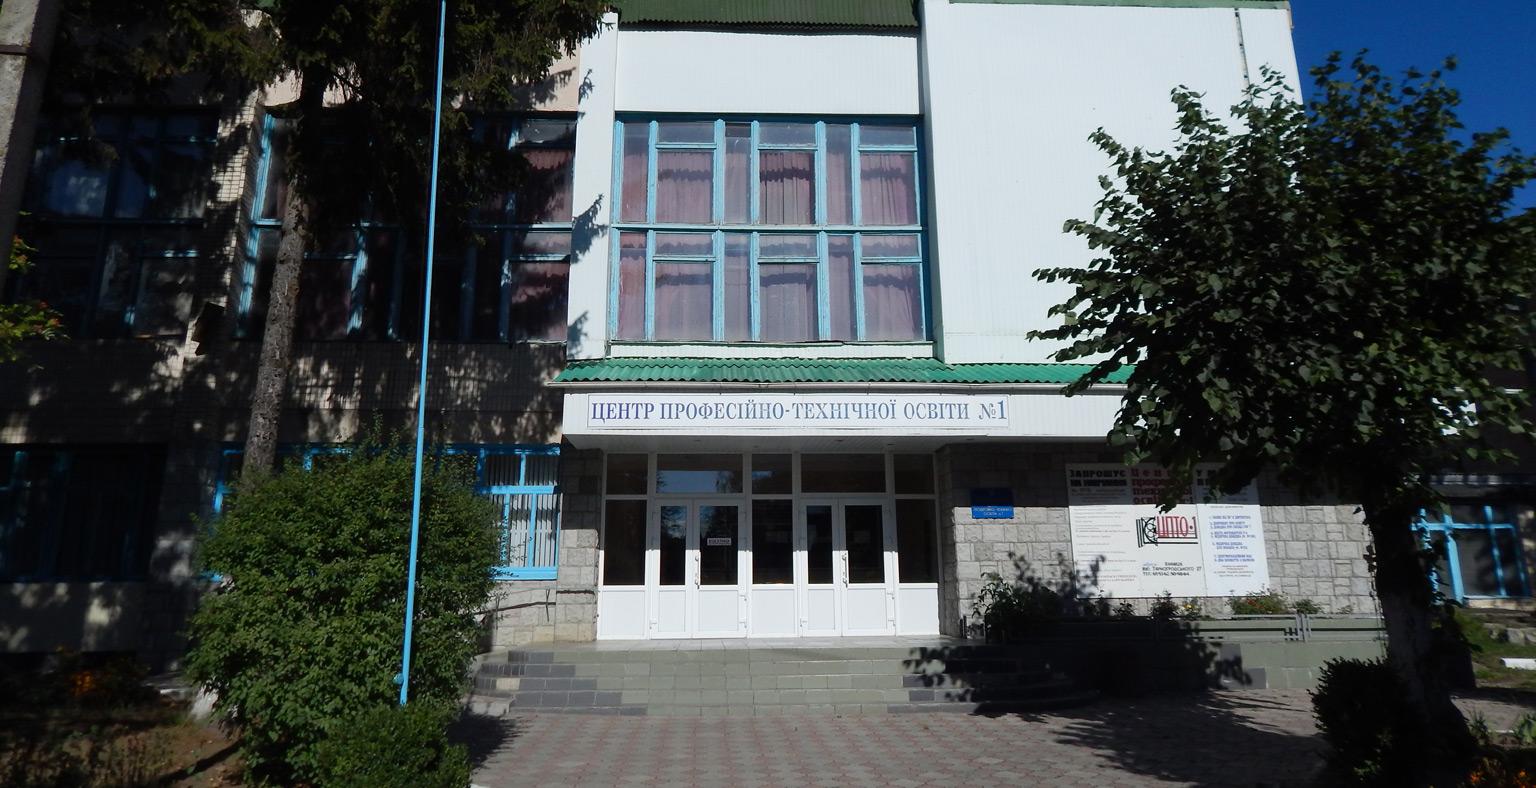 """Державний навчальний заклад """"Центр професійно-технічної освіти №1 м.Вінниці"""""""